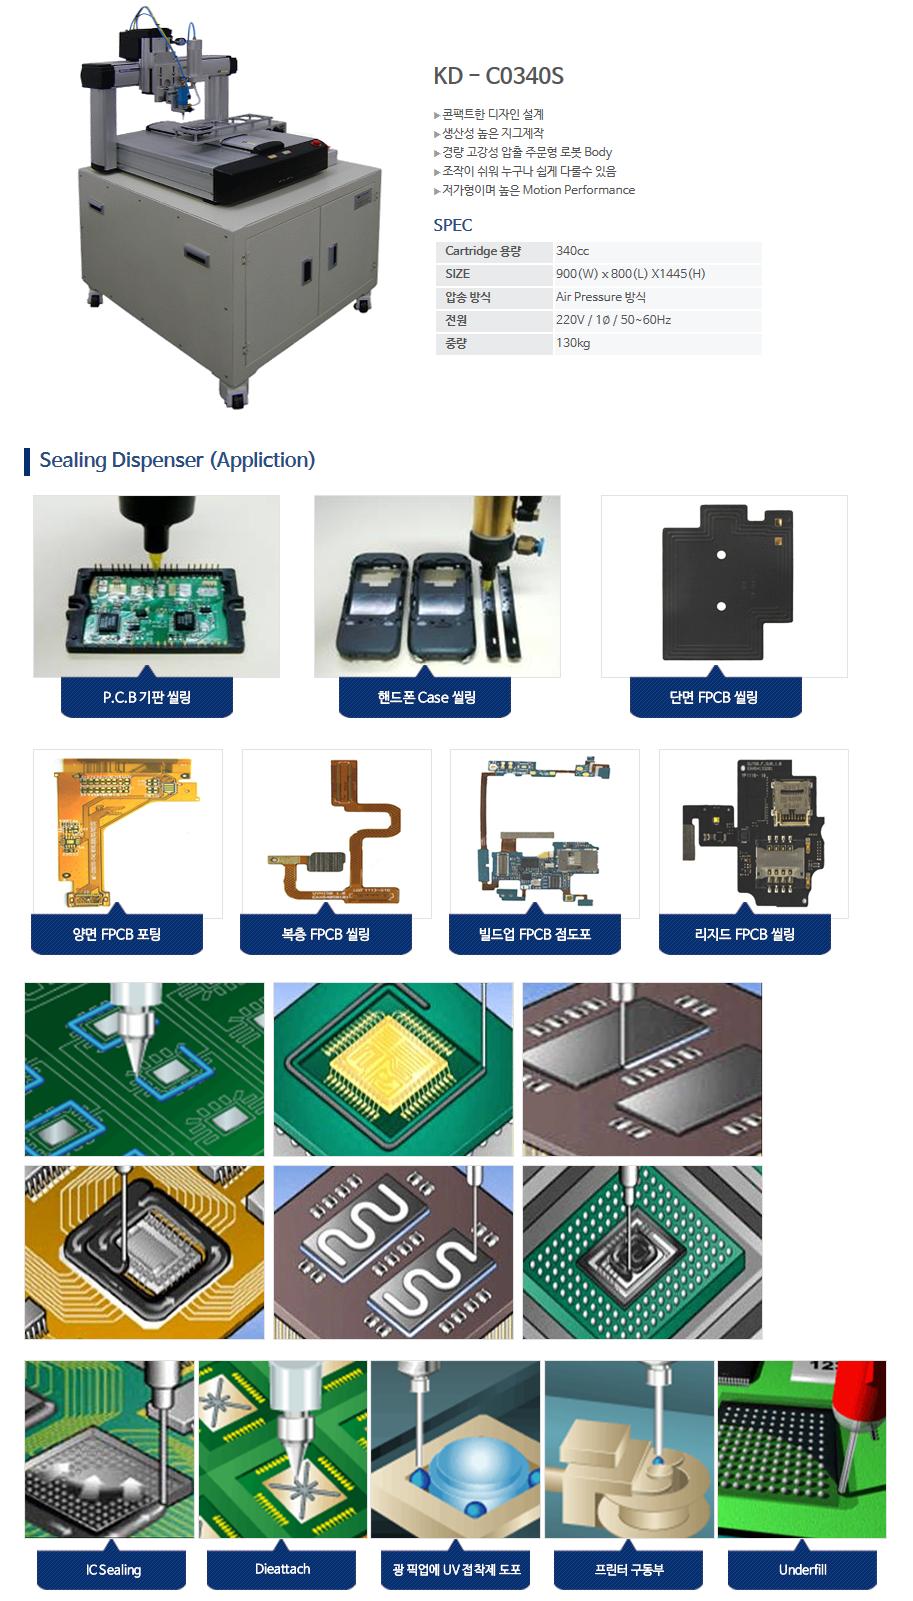 (주)케이엔디시스템 Sealing Dispenser KD-C0340S 1